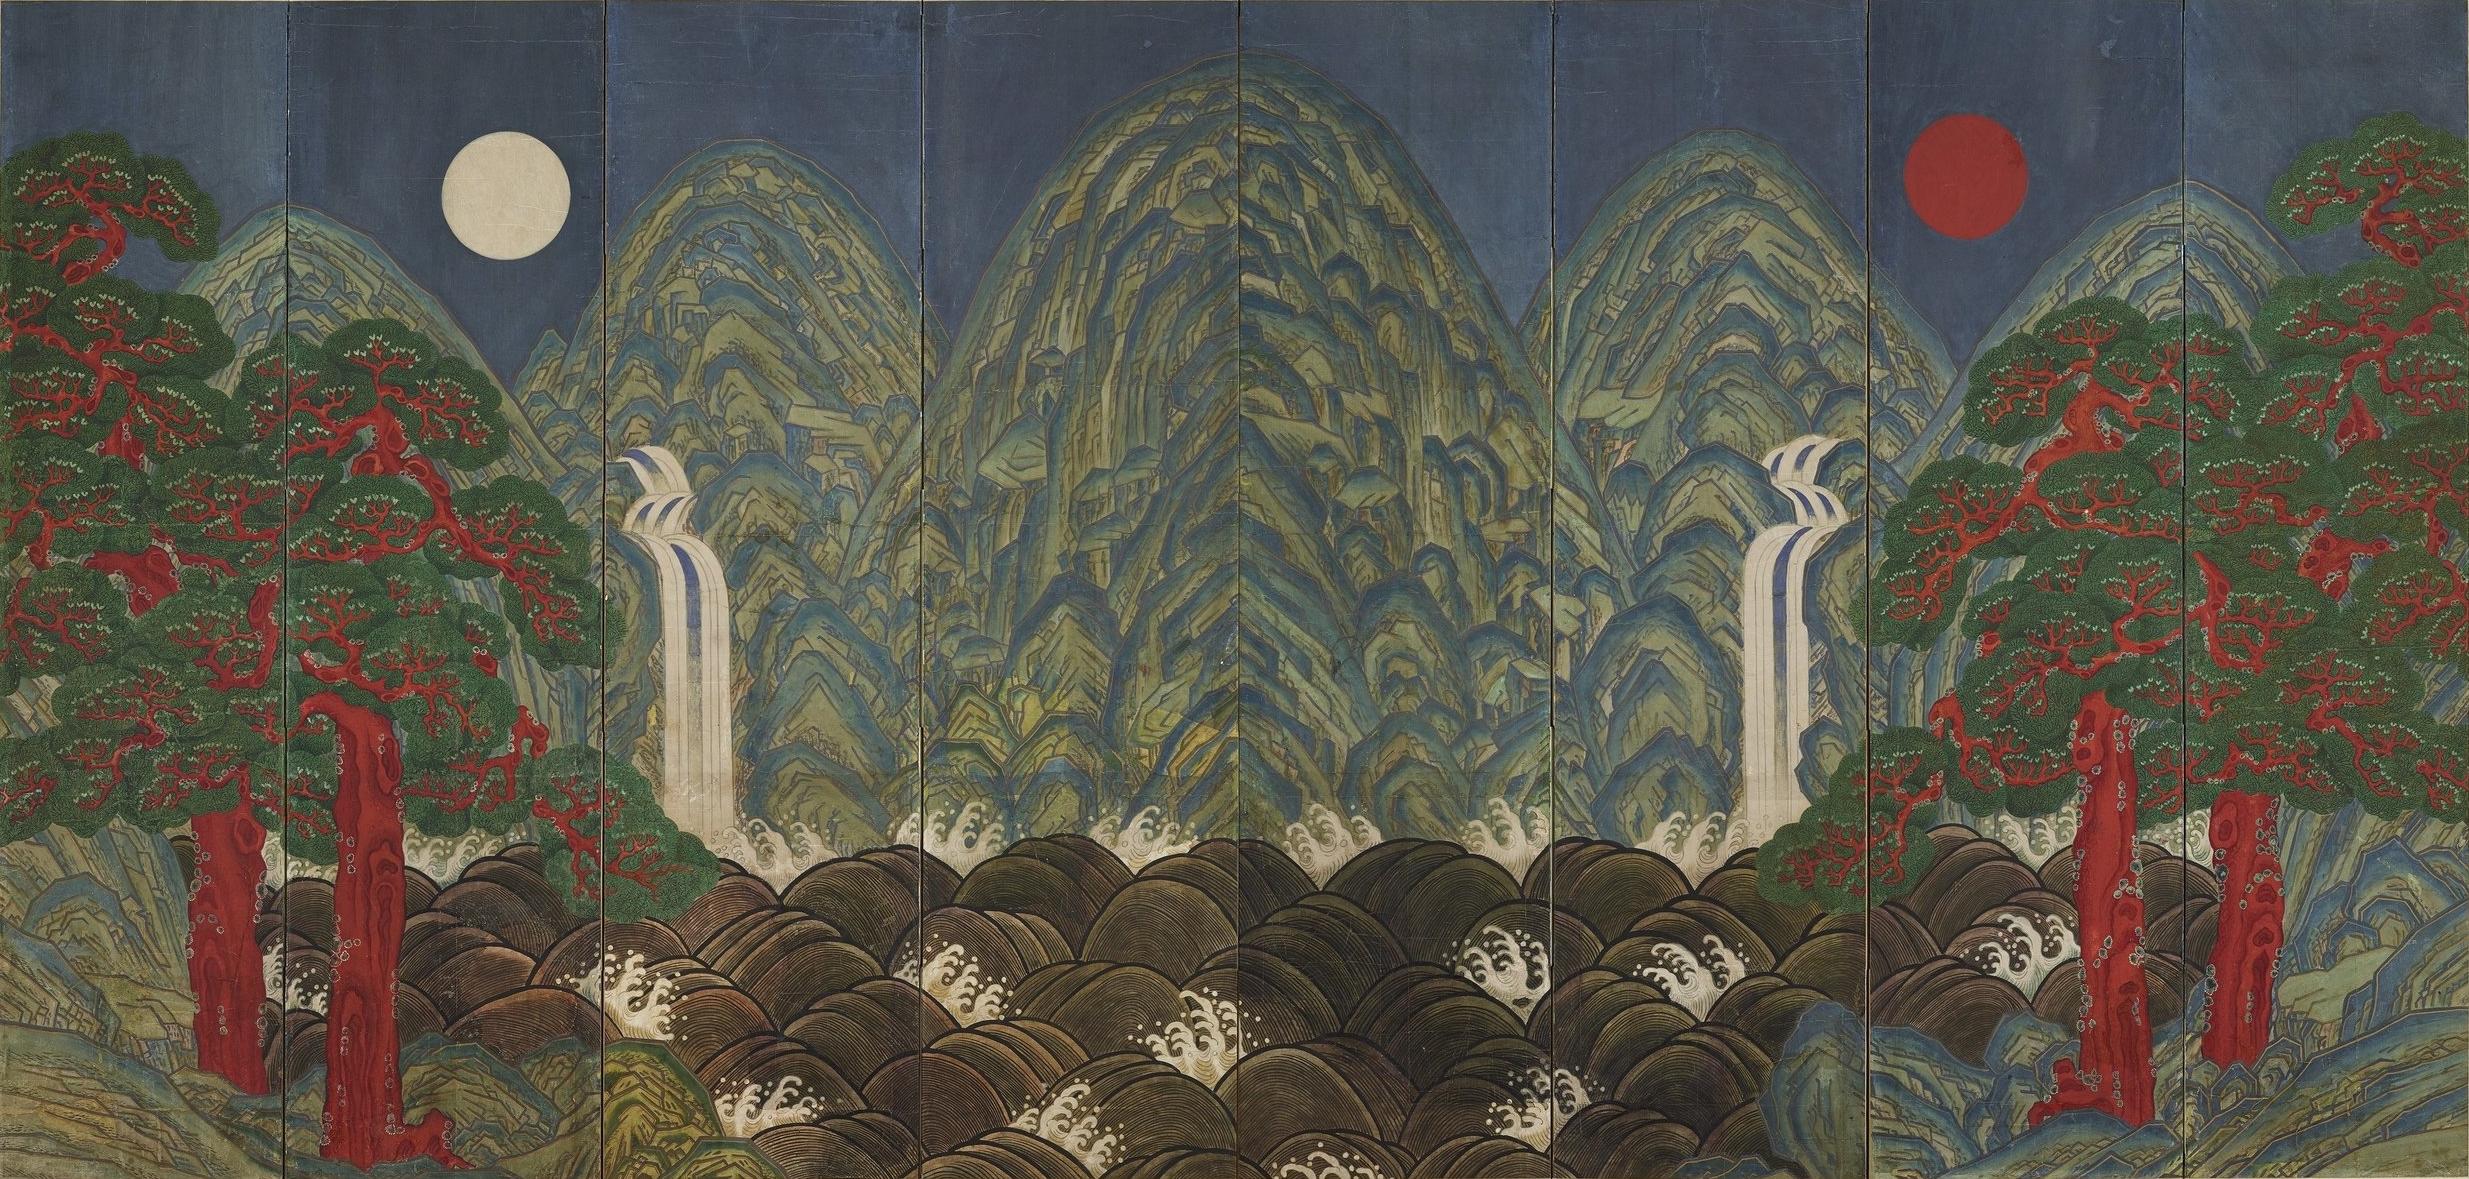 Soleil, lune et cinq pics, écran huit fois; couleurs sur papier, artiste inconnu, Joseon Dynasty (1392-1910)